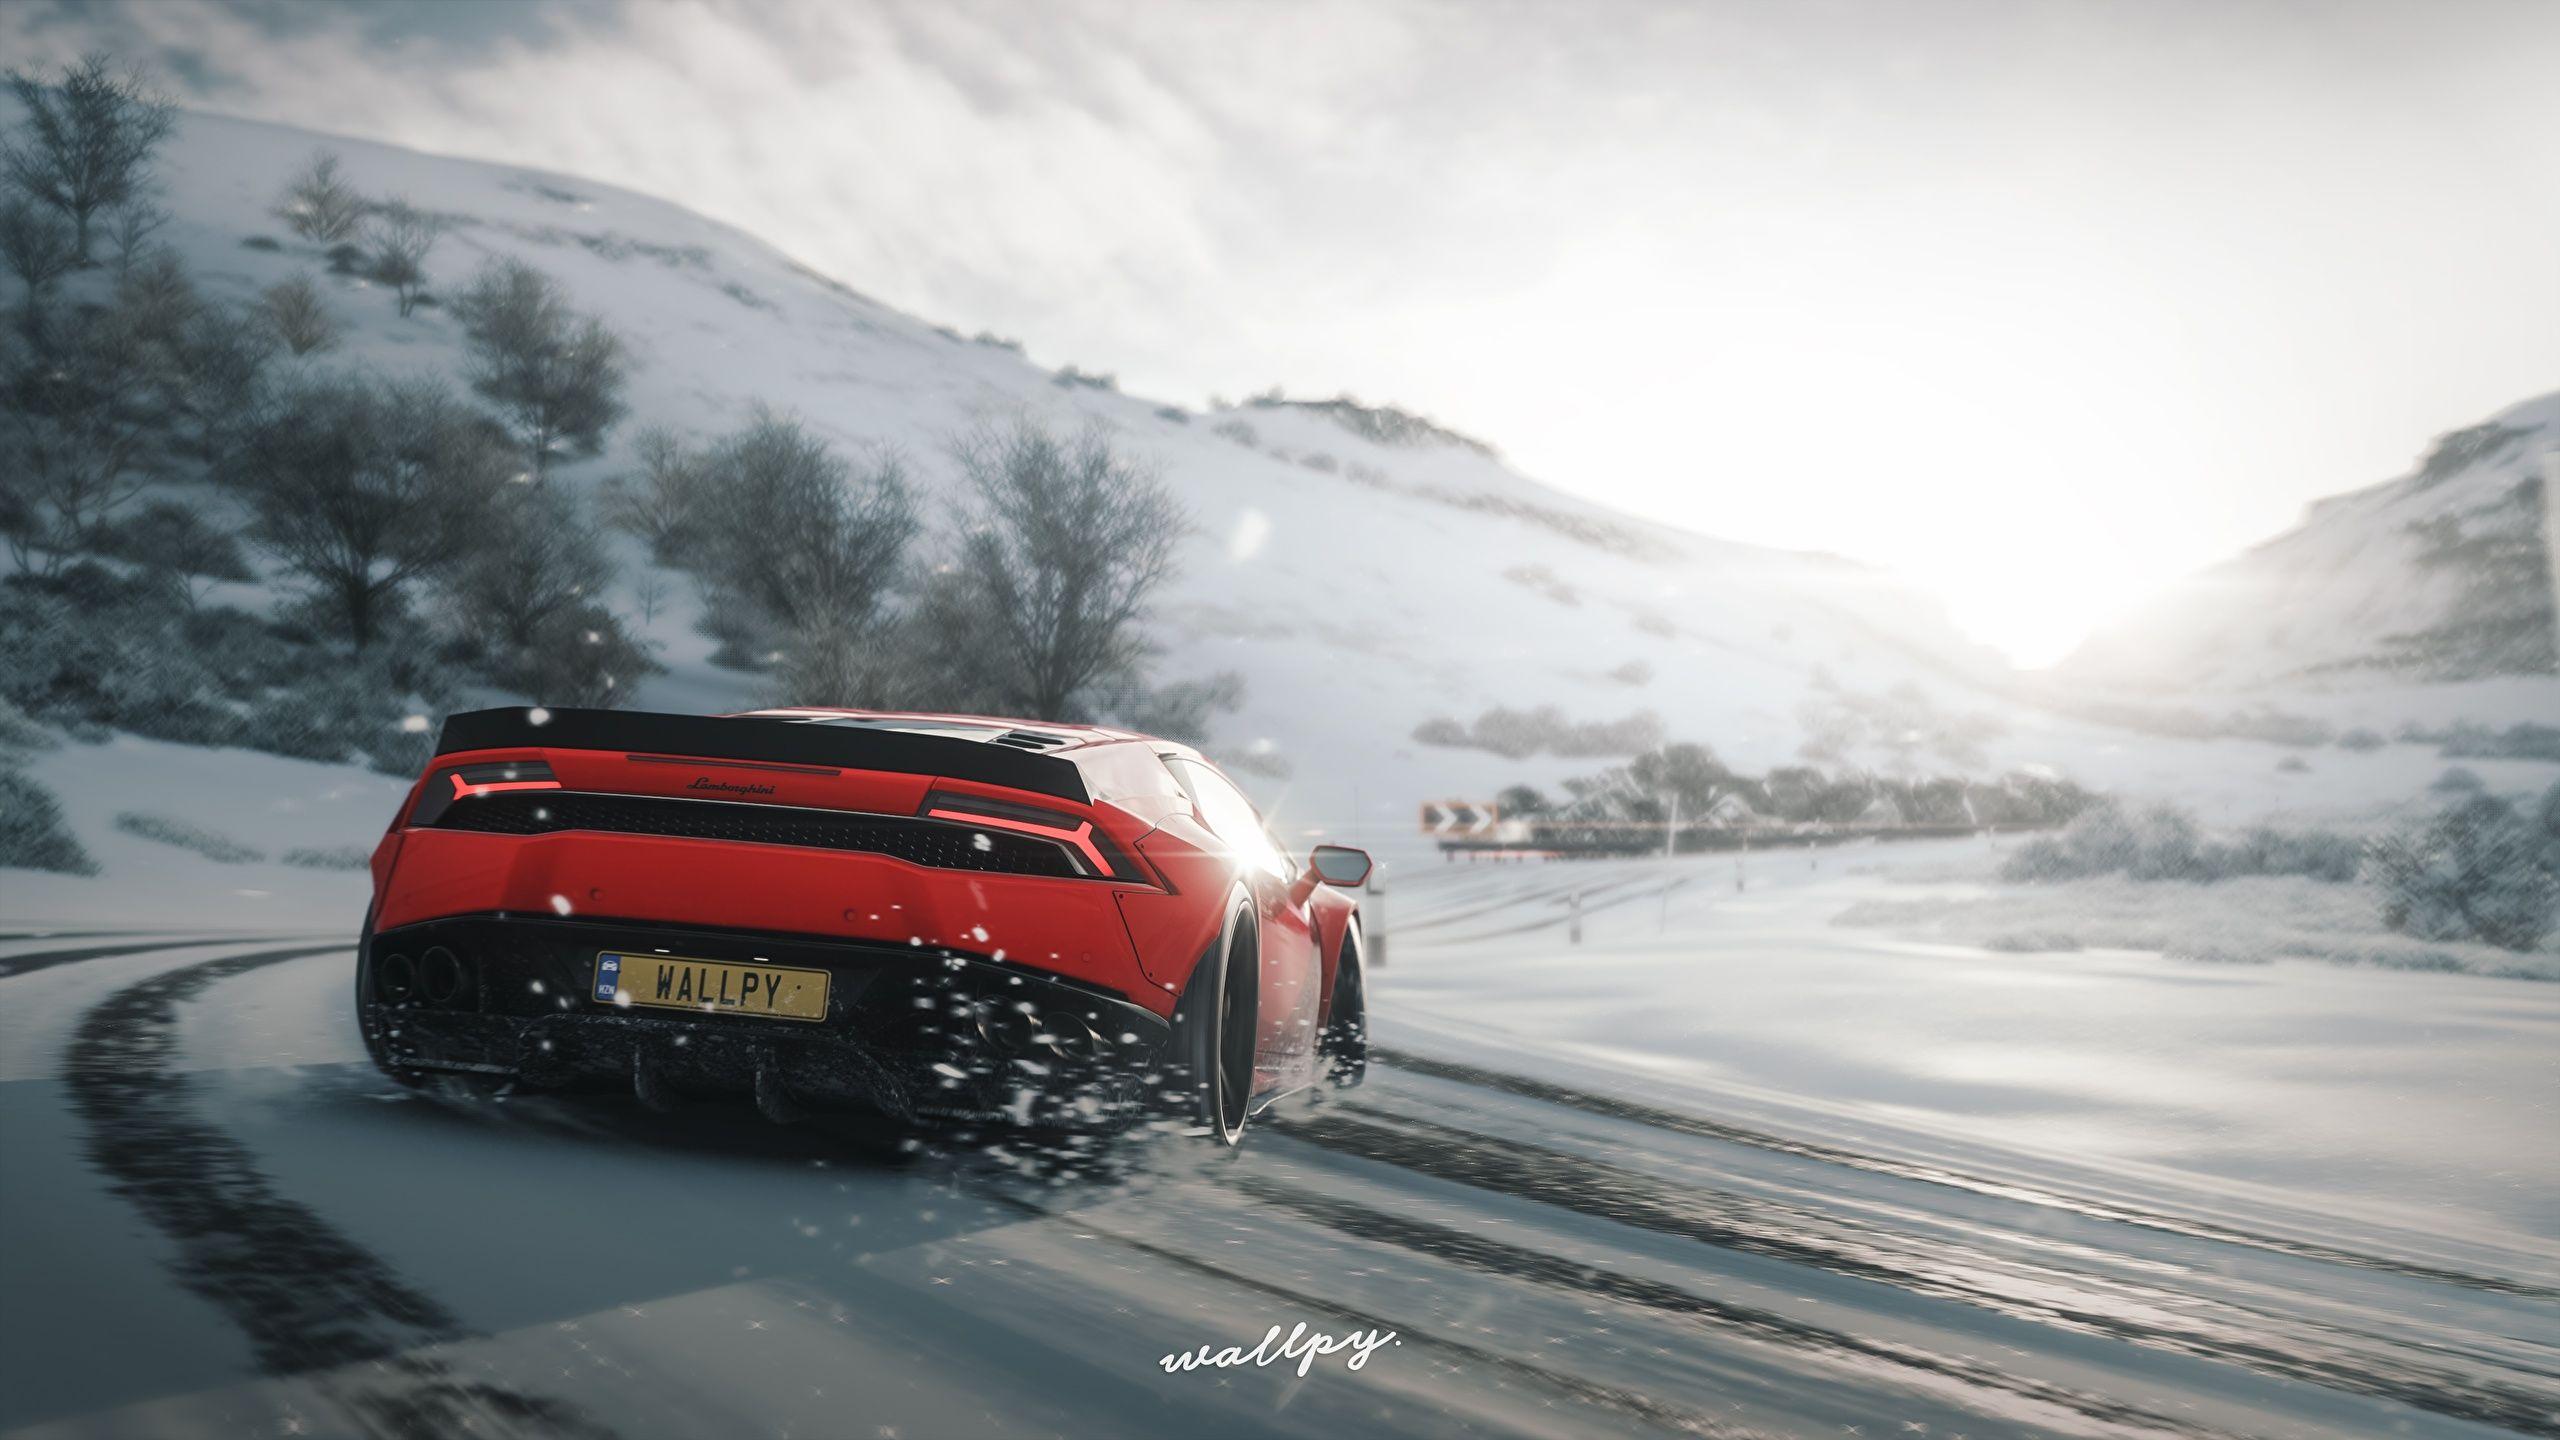 Froza Horizon 4 4k Hd Pics In 2021 Forza Horizon 4 Forza Wallpaper